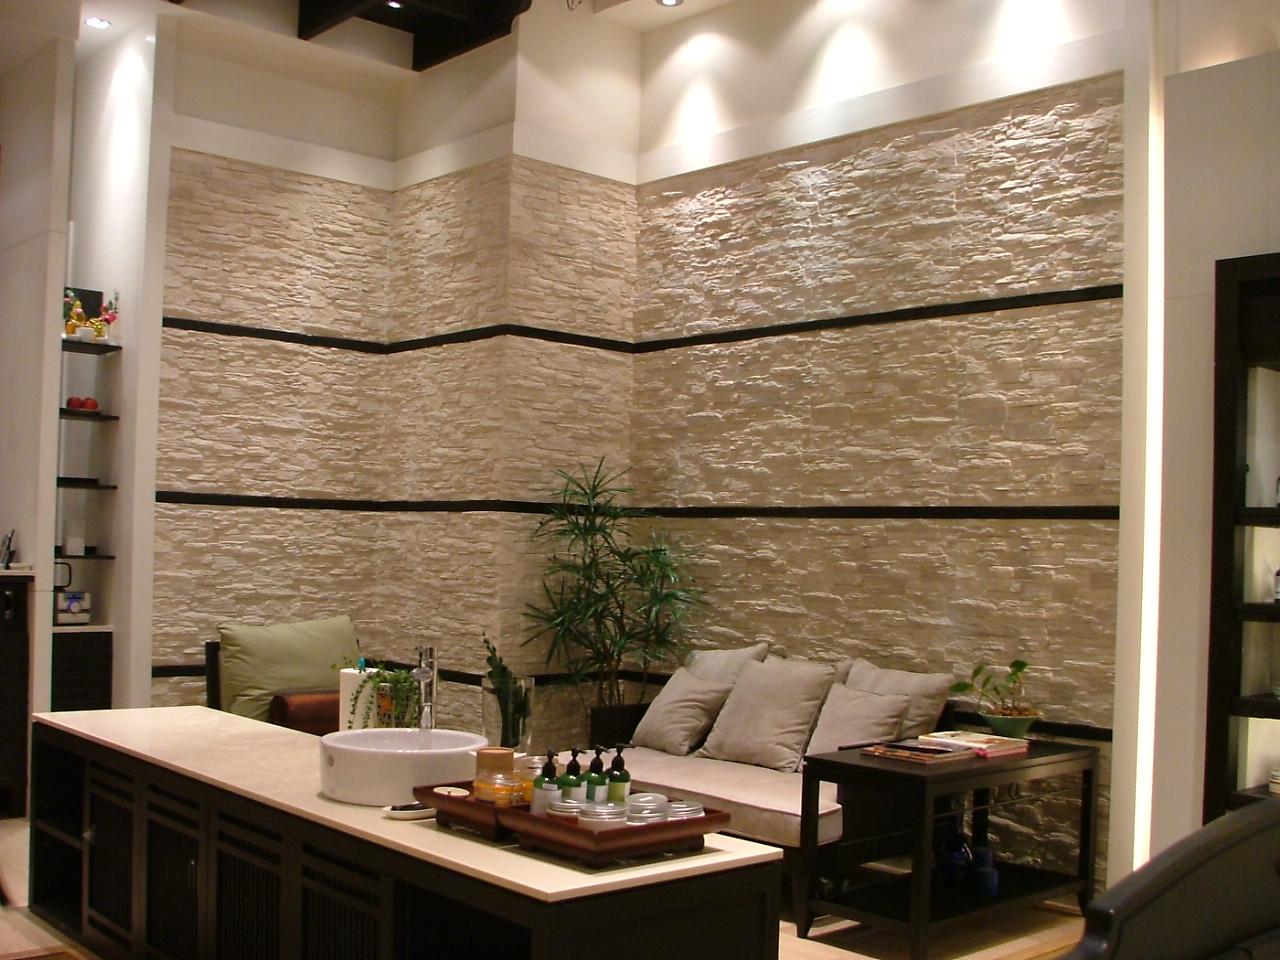 Wandverkleidung Stein: innen, außen und Preise